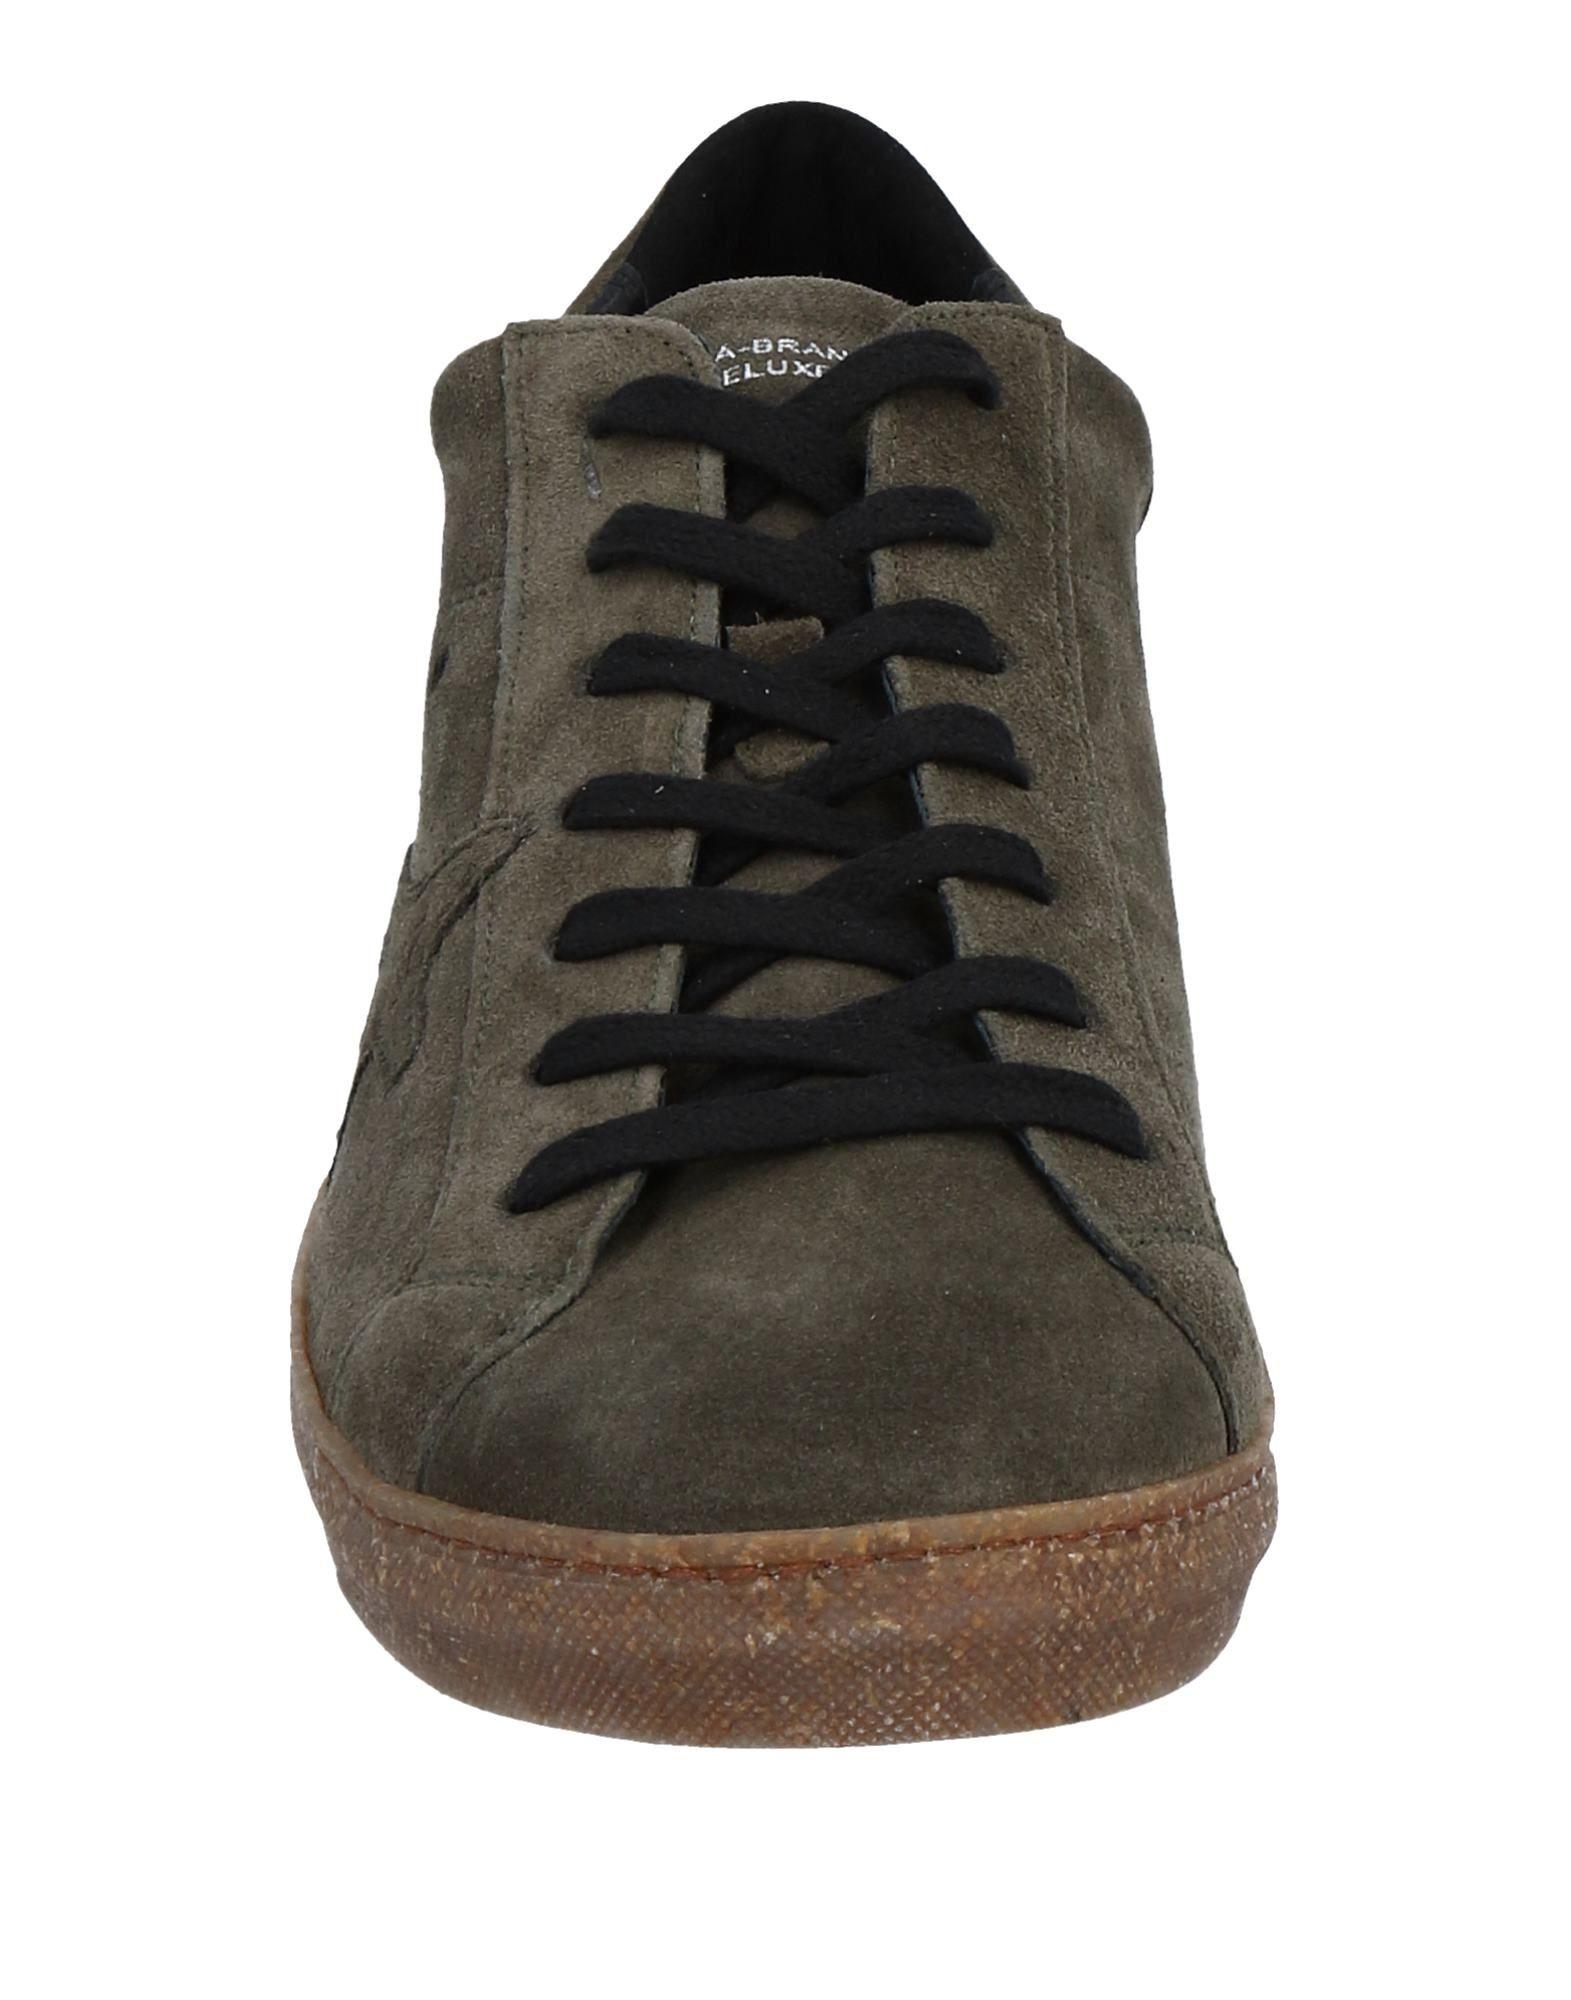 Rabatt Rabatt Rabatt echte Schuhe Ama Brand Sneakers Herren  11510611FQ 628dd8